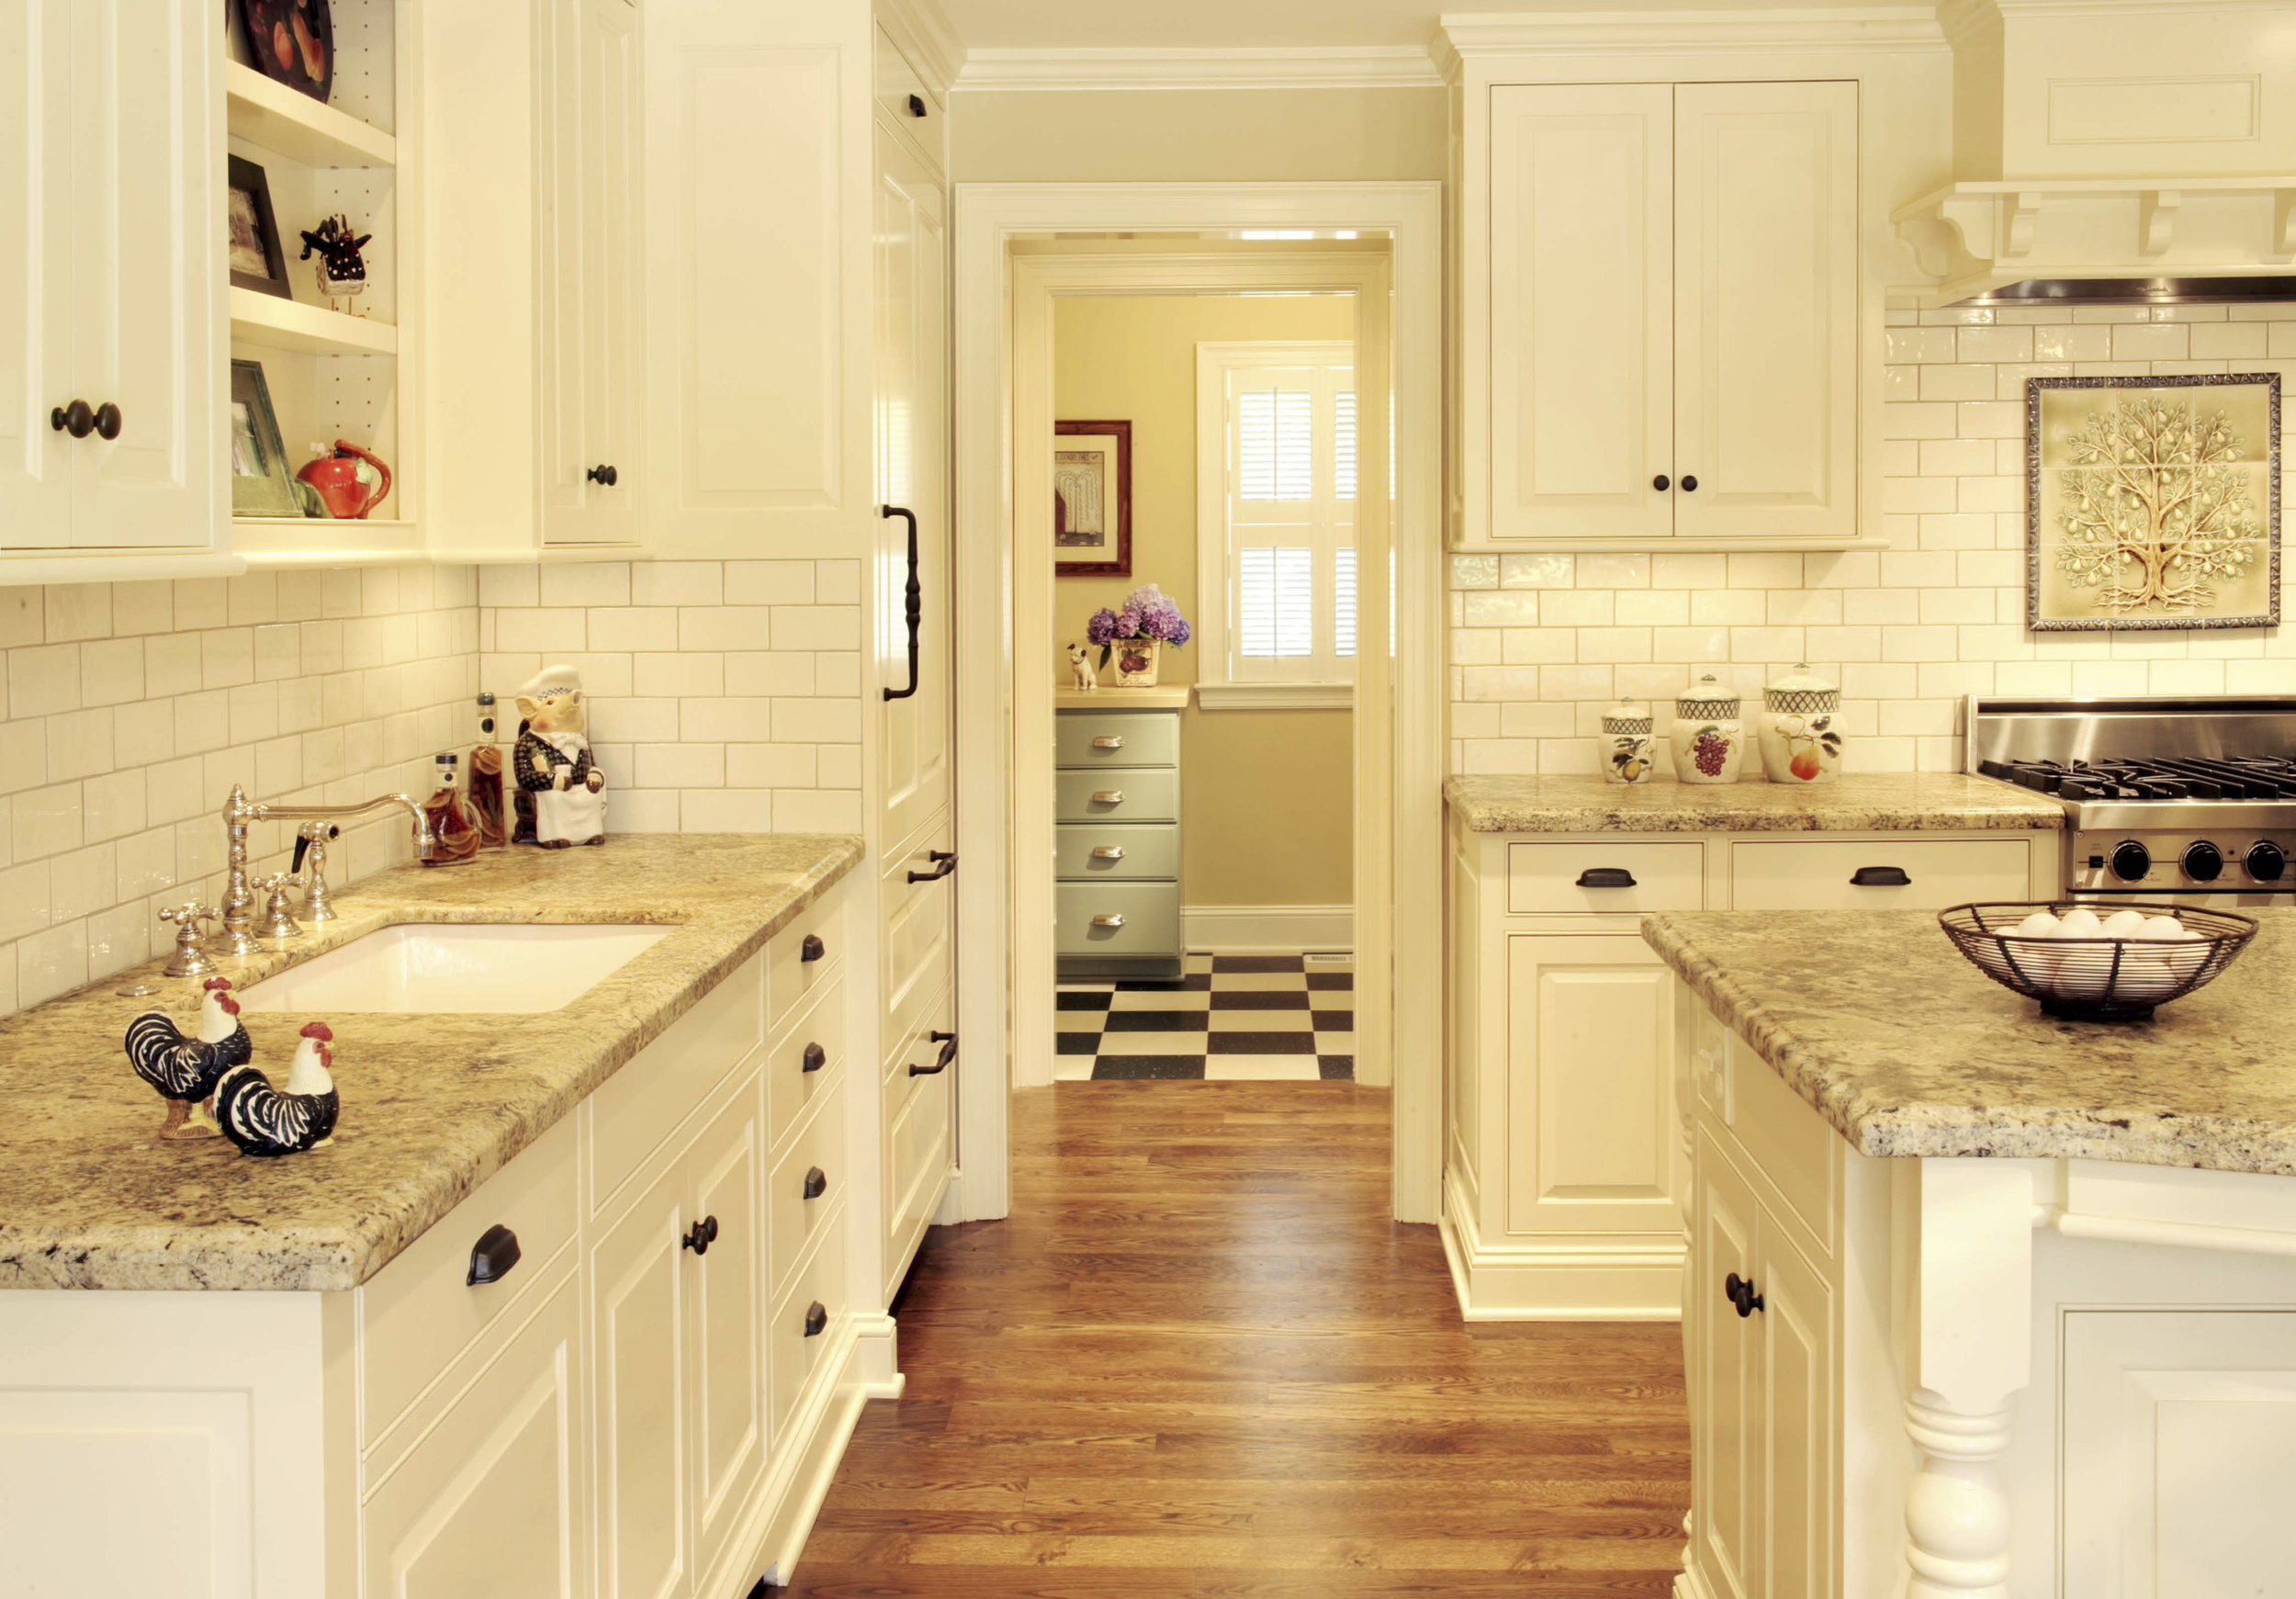 Barkin Kitchen to Mud Room Stickley Photo Graphic.jpg